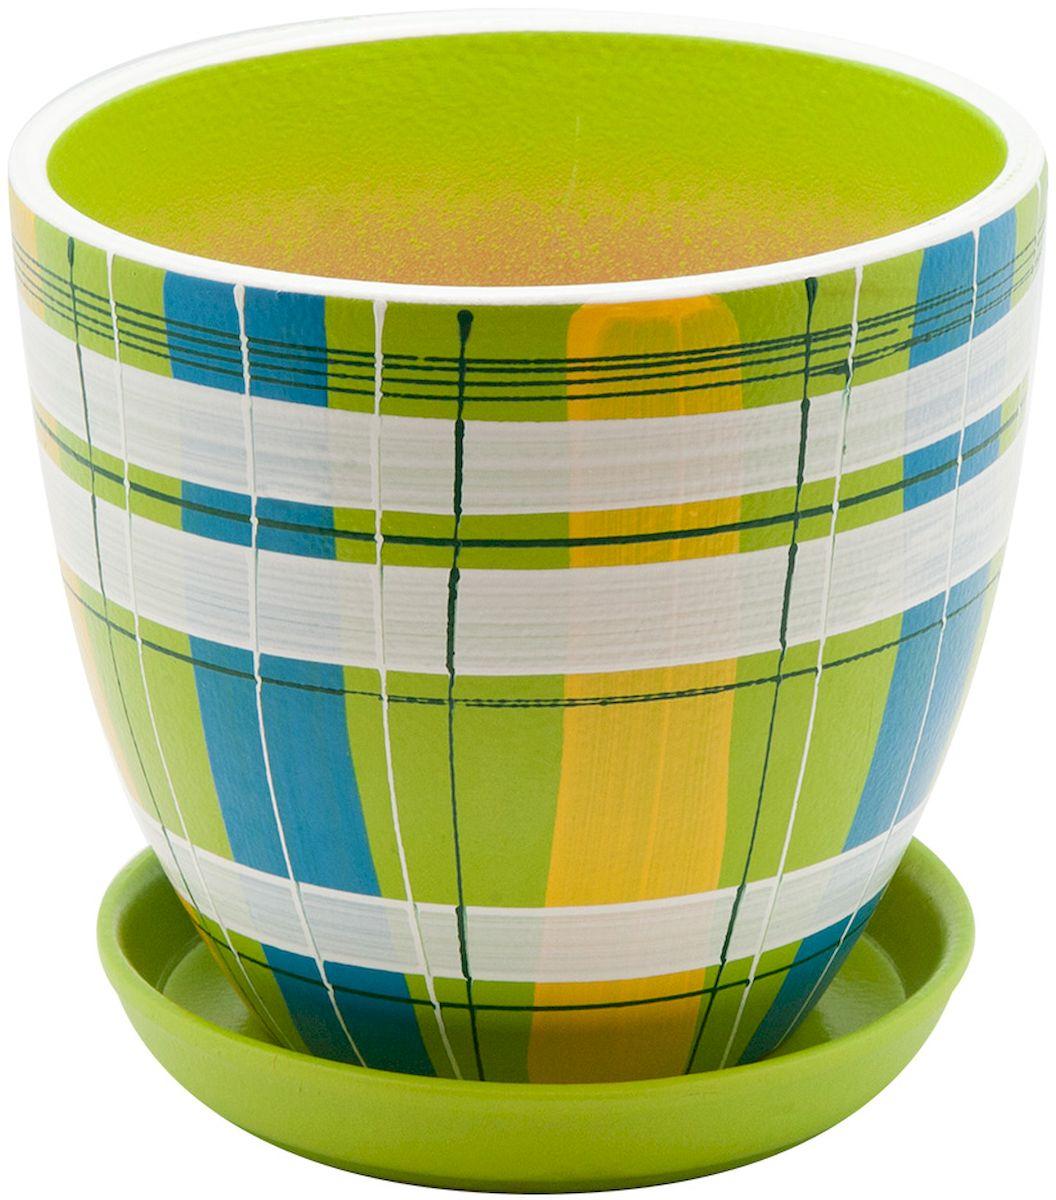 Горшок цветочный Engard, с поддоном, цвет: зеленый, 2,4 лBH-07-2Керамический горшок Engard - это идеальное решение для выращивания комнатных растений и создания изысканности в интерьере. Керамический горшок сделан из высококачественной глины в классической форме и оригинальном дизайне.Объем: 2,4 л.